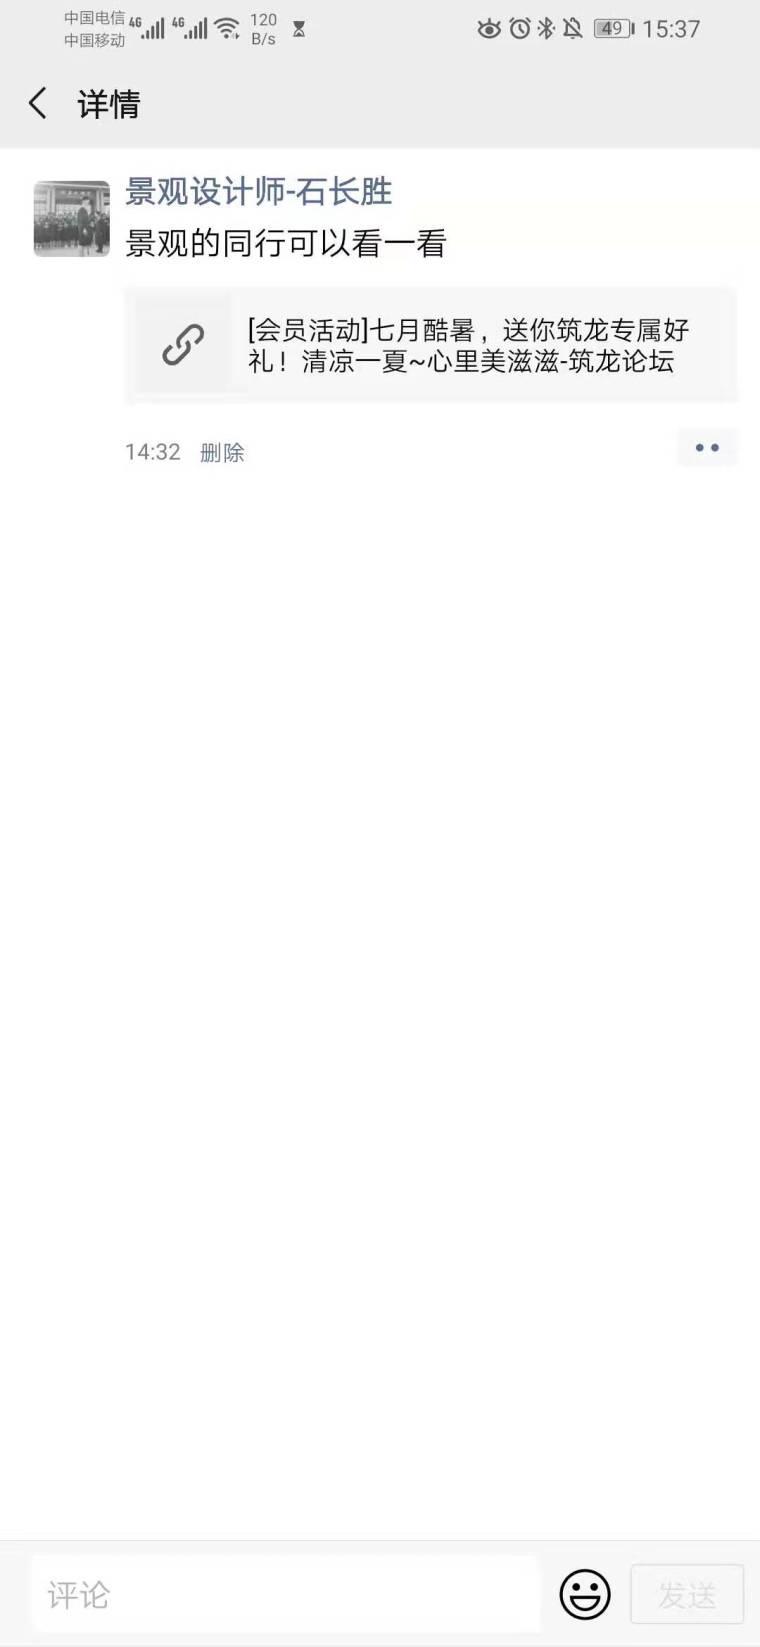 已开奖!![会员活动]七月酷暑,送你筑龙专属好礼!清凉一夏~心_4